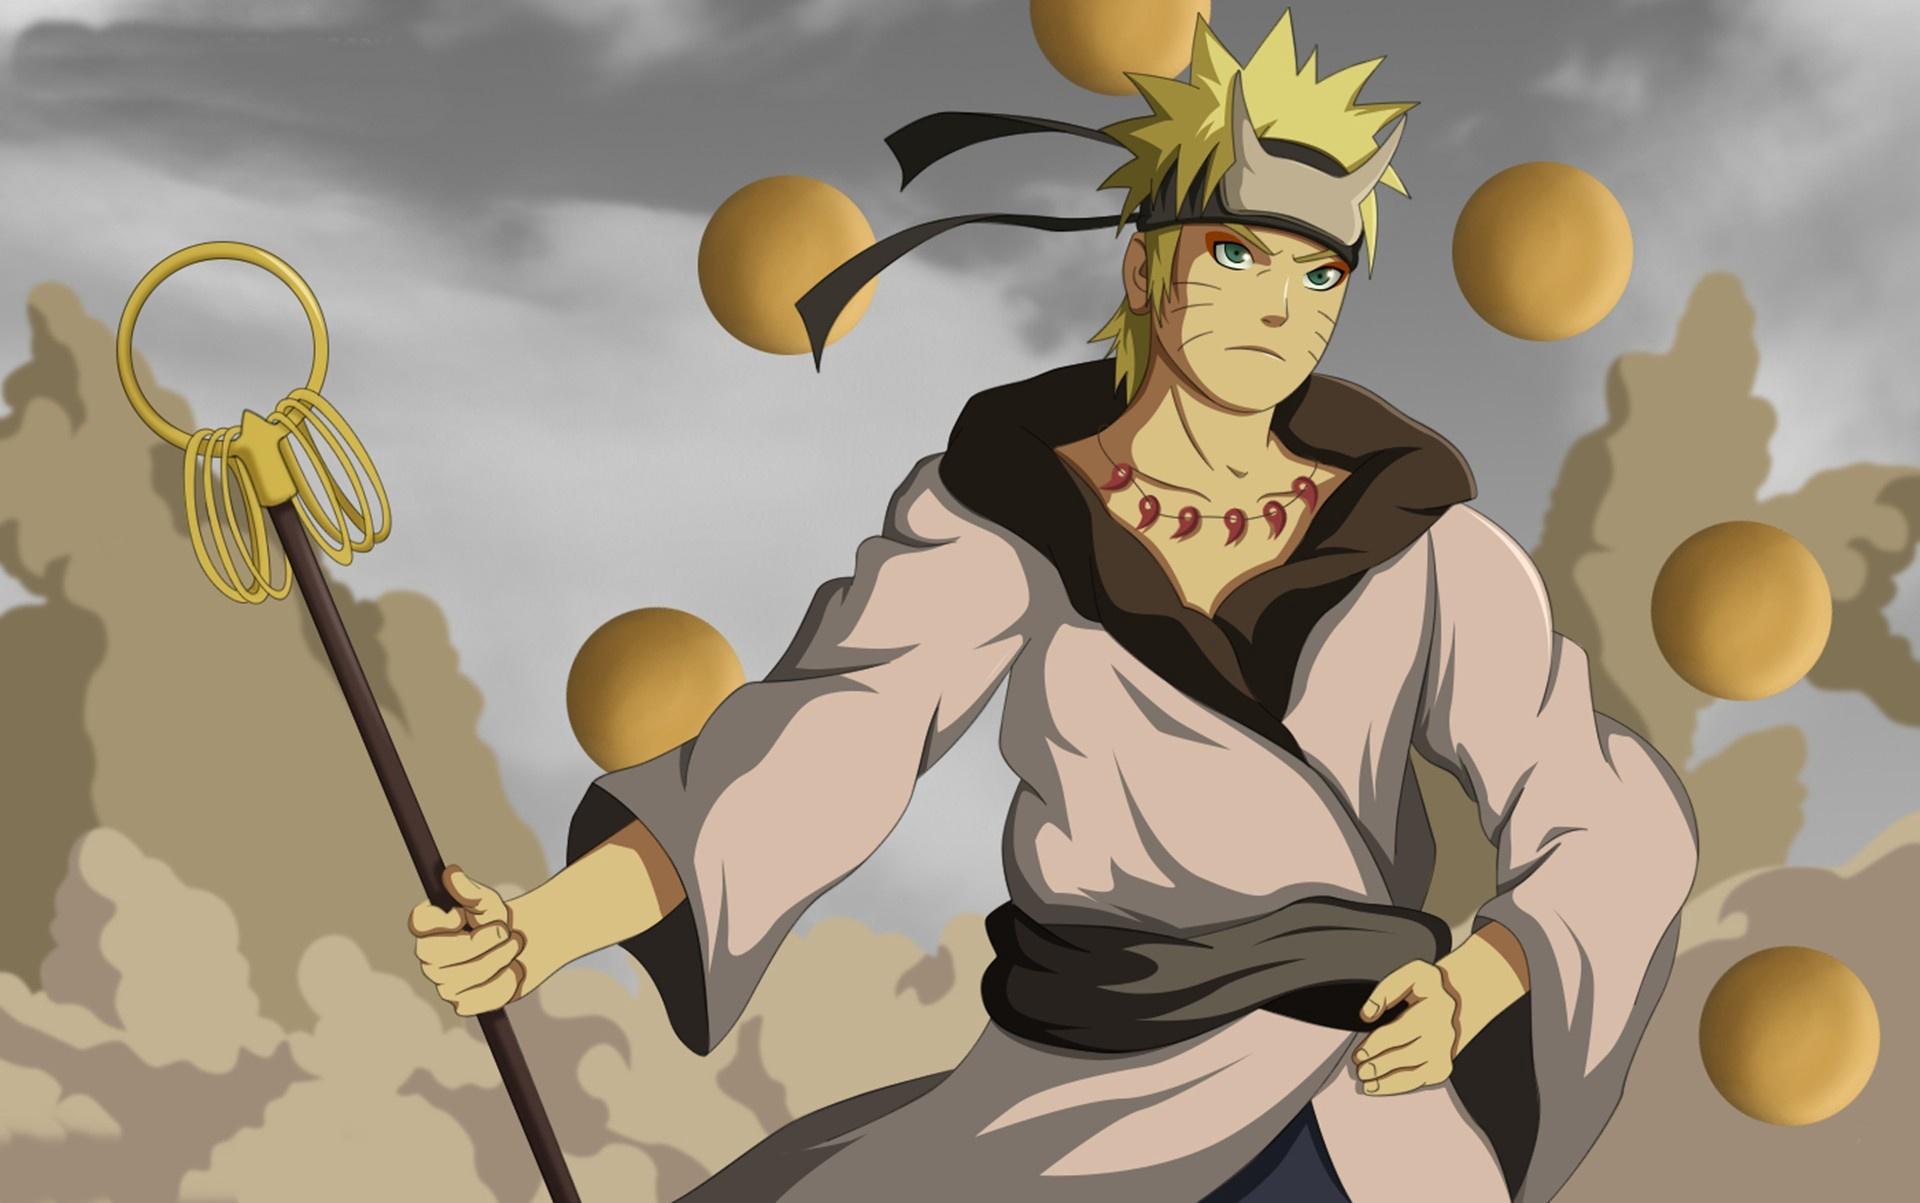 Naruto Uzumaki 高清壁紙   桌面背景   1920x1203   ID:647523 - Wallpaper Abyss